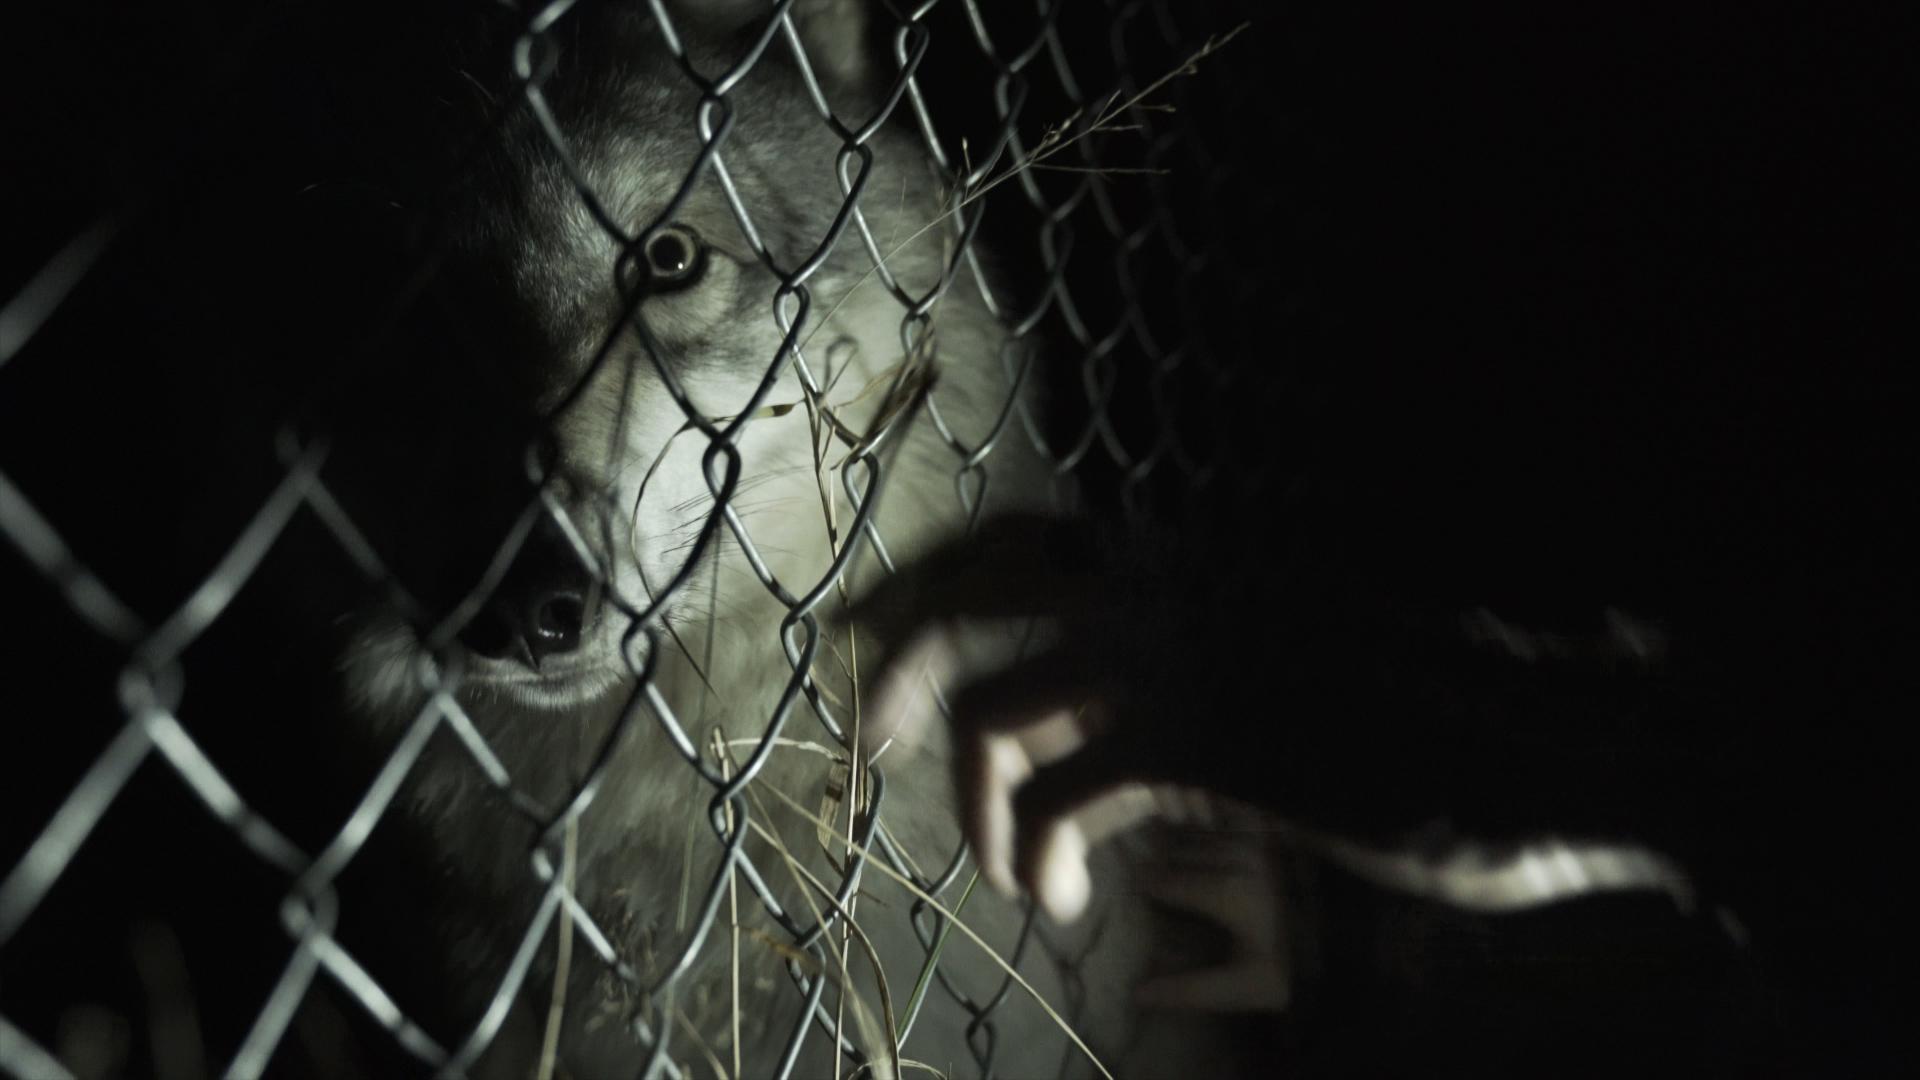 wolf-fence-eye-hand.jpg